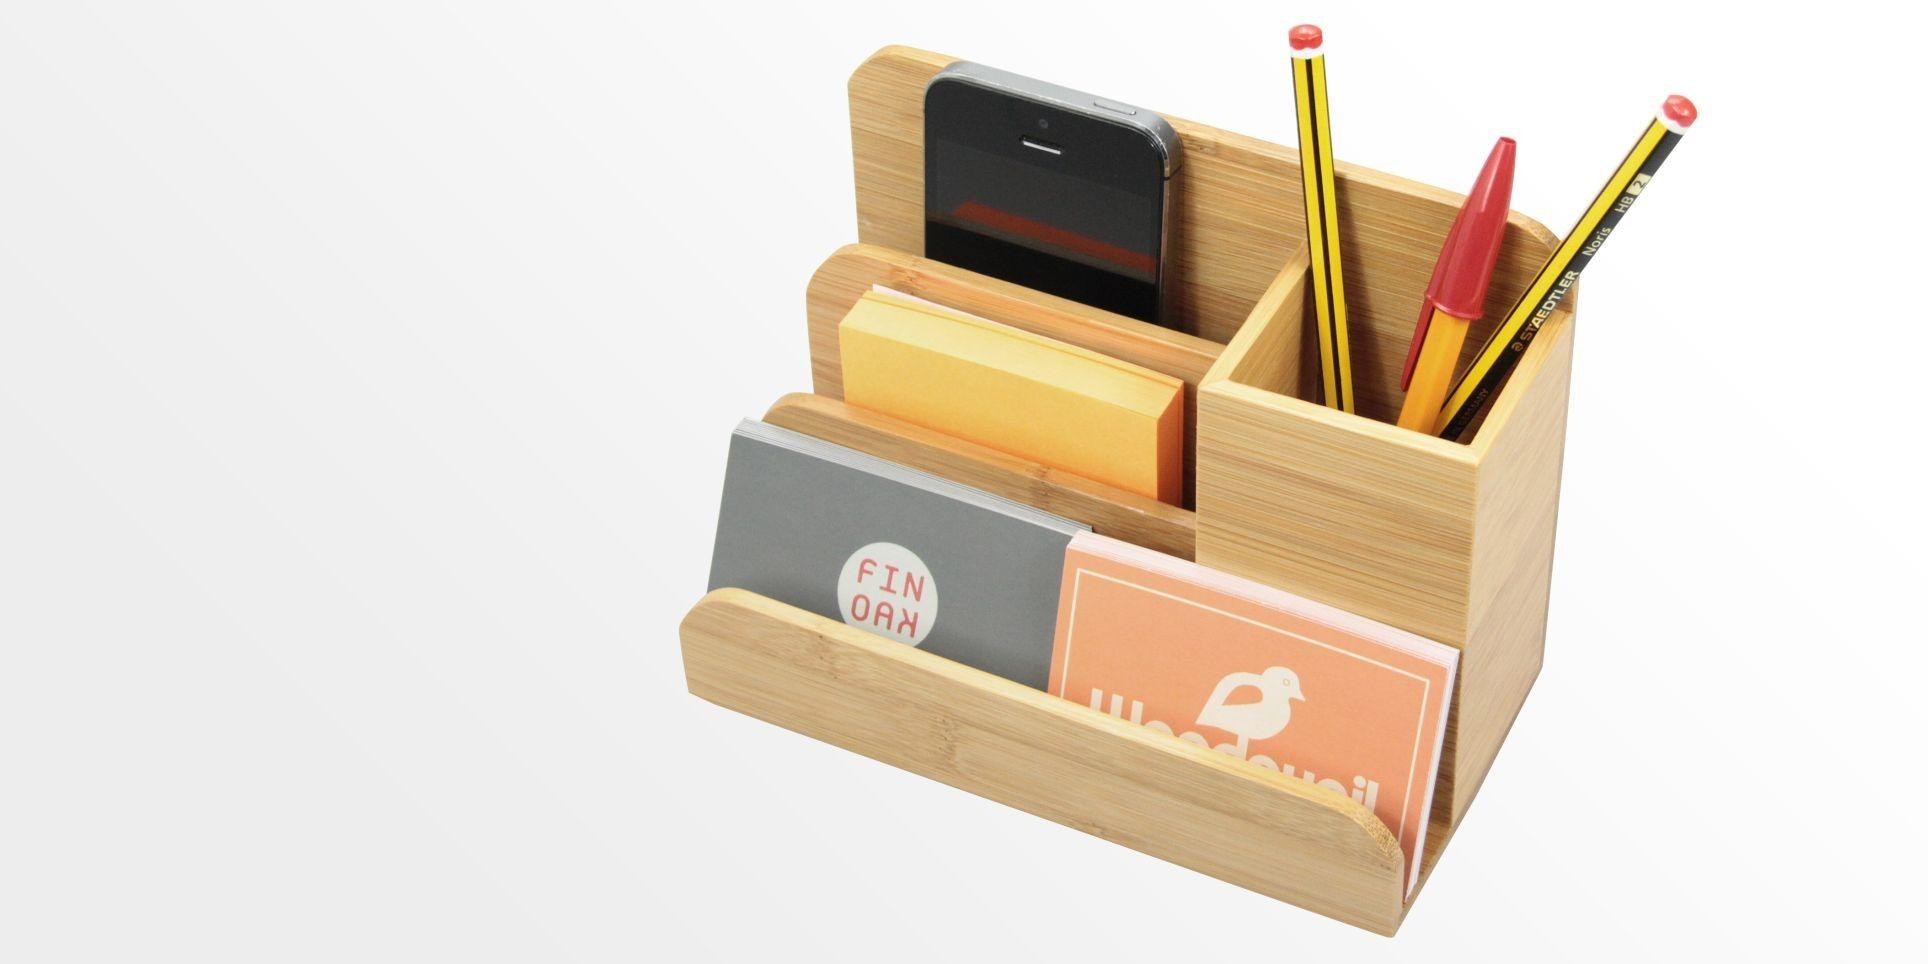 Small Desk Organiser Pen Holder Bamboo Stationery Organiser Office Supplies Desk Organization Pen Holders Pen Holder Diy